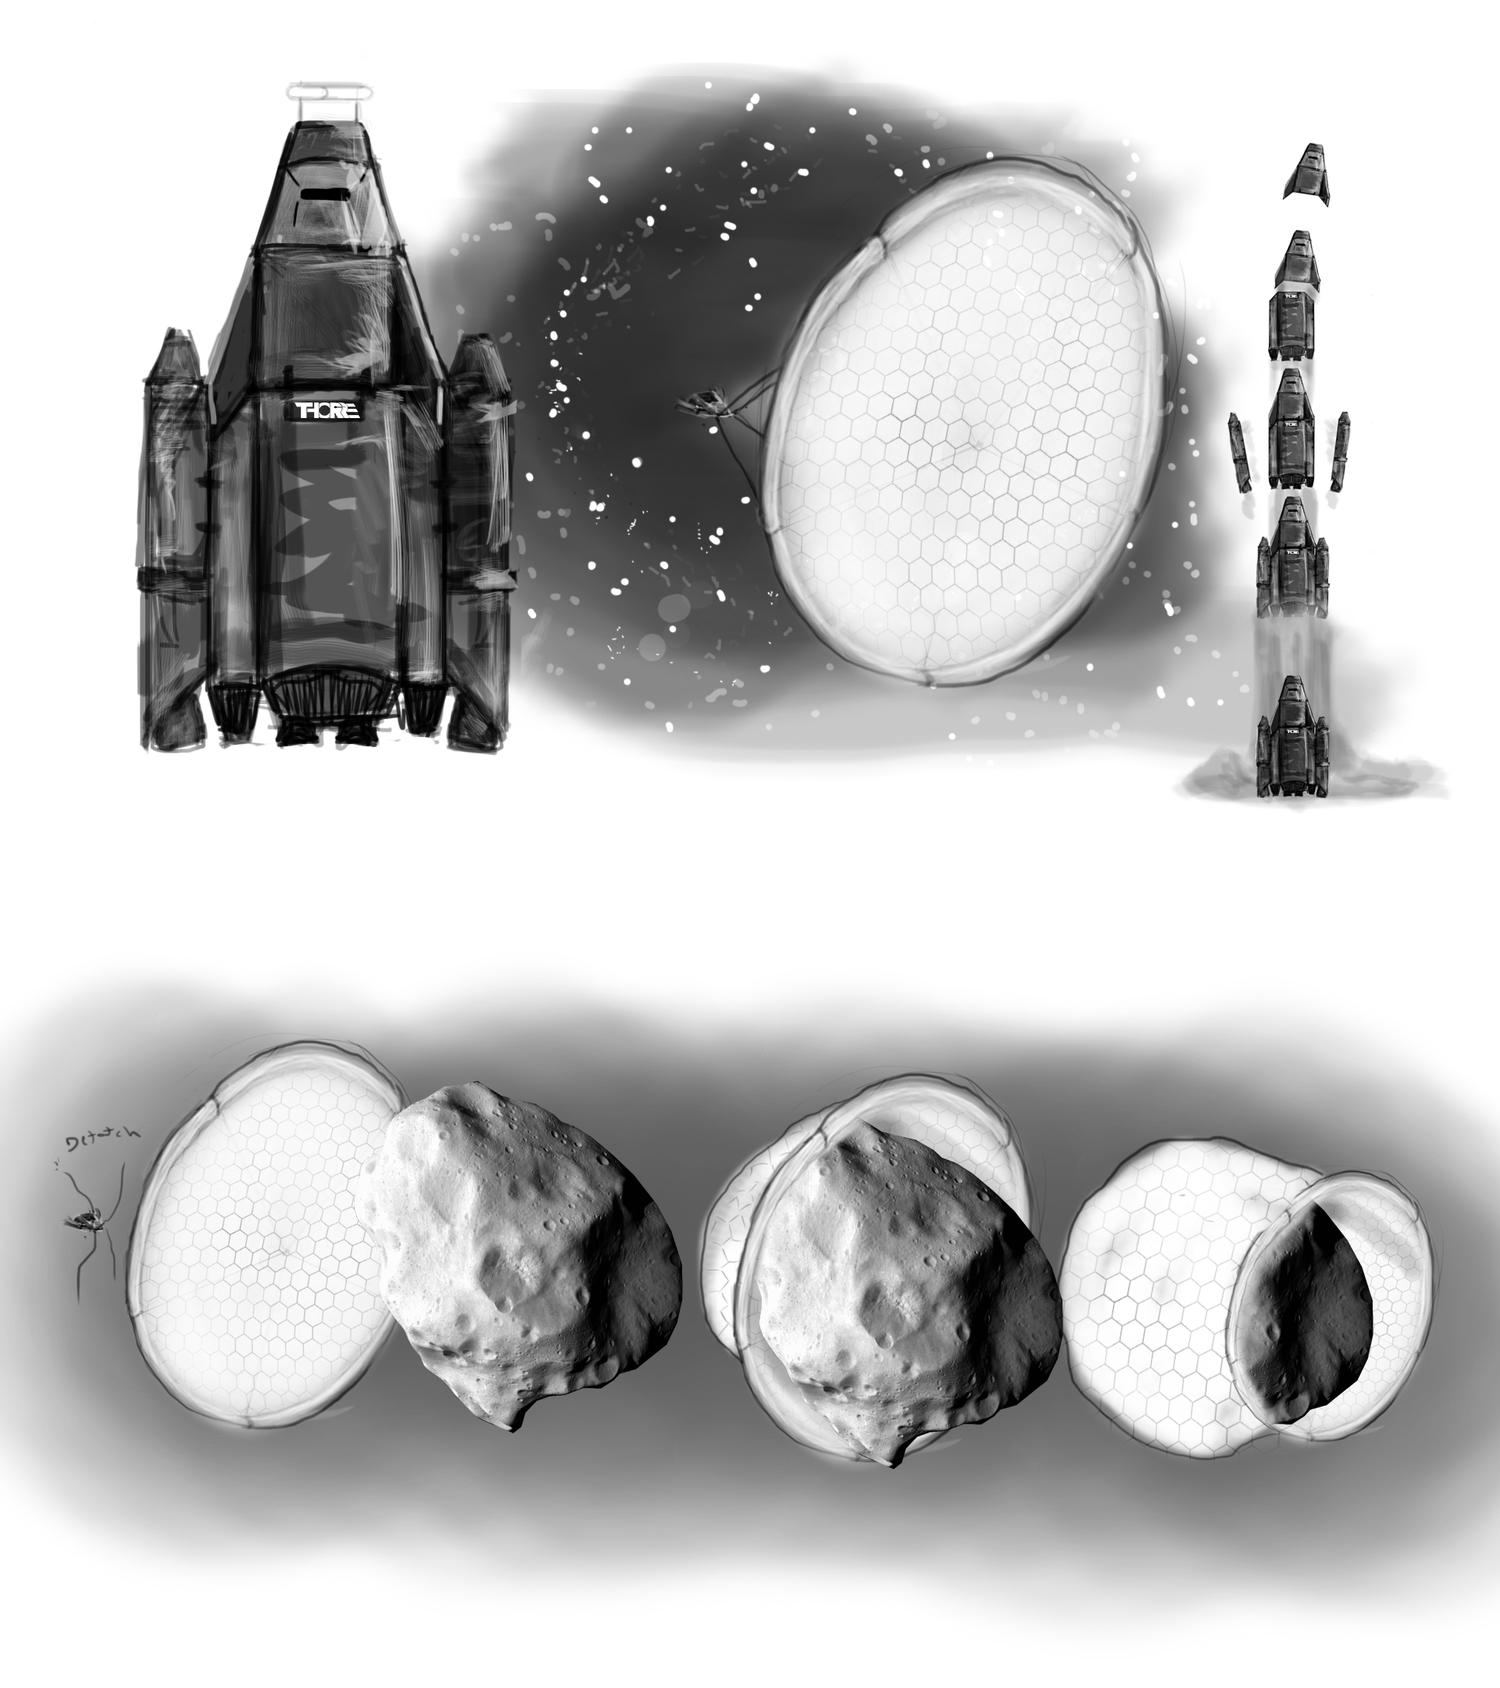 Copy of TITAN 1 CONCEPT ART